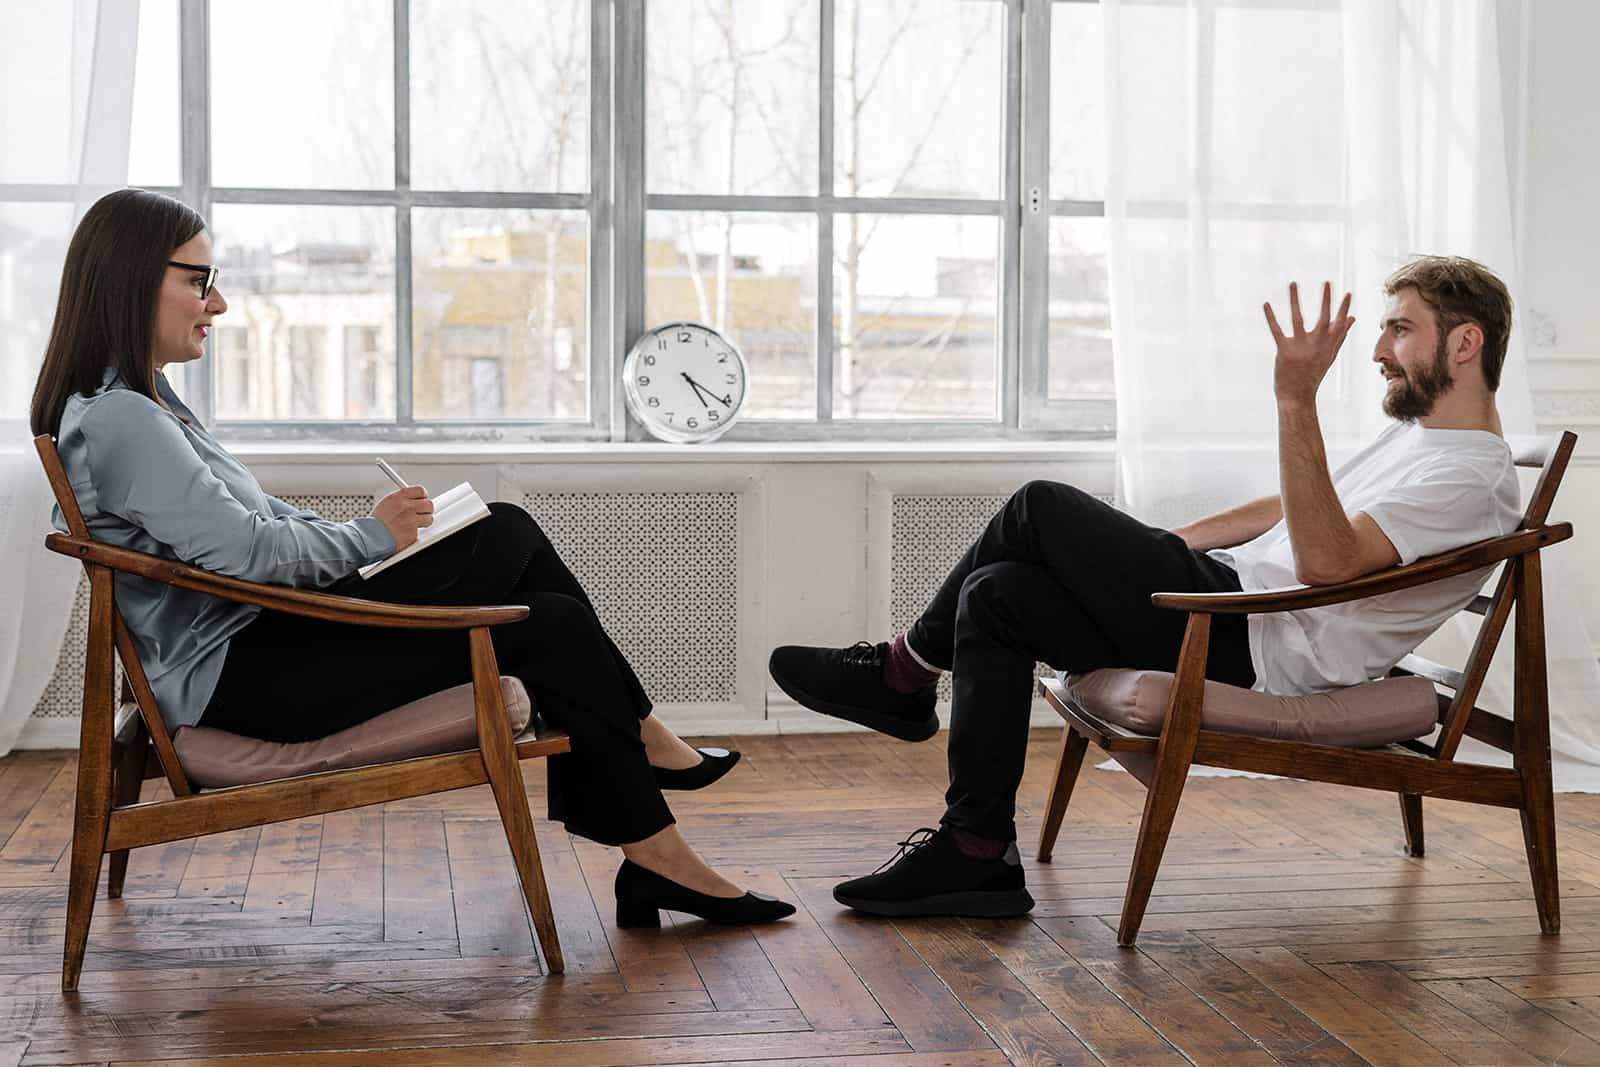 Ein Patient spricht mit einem Therapeuten, während beide im Sessel sitzen